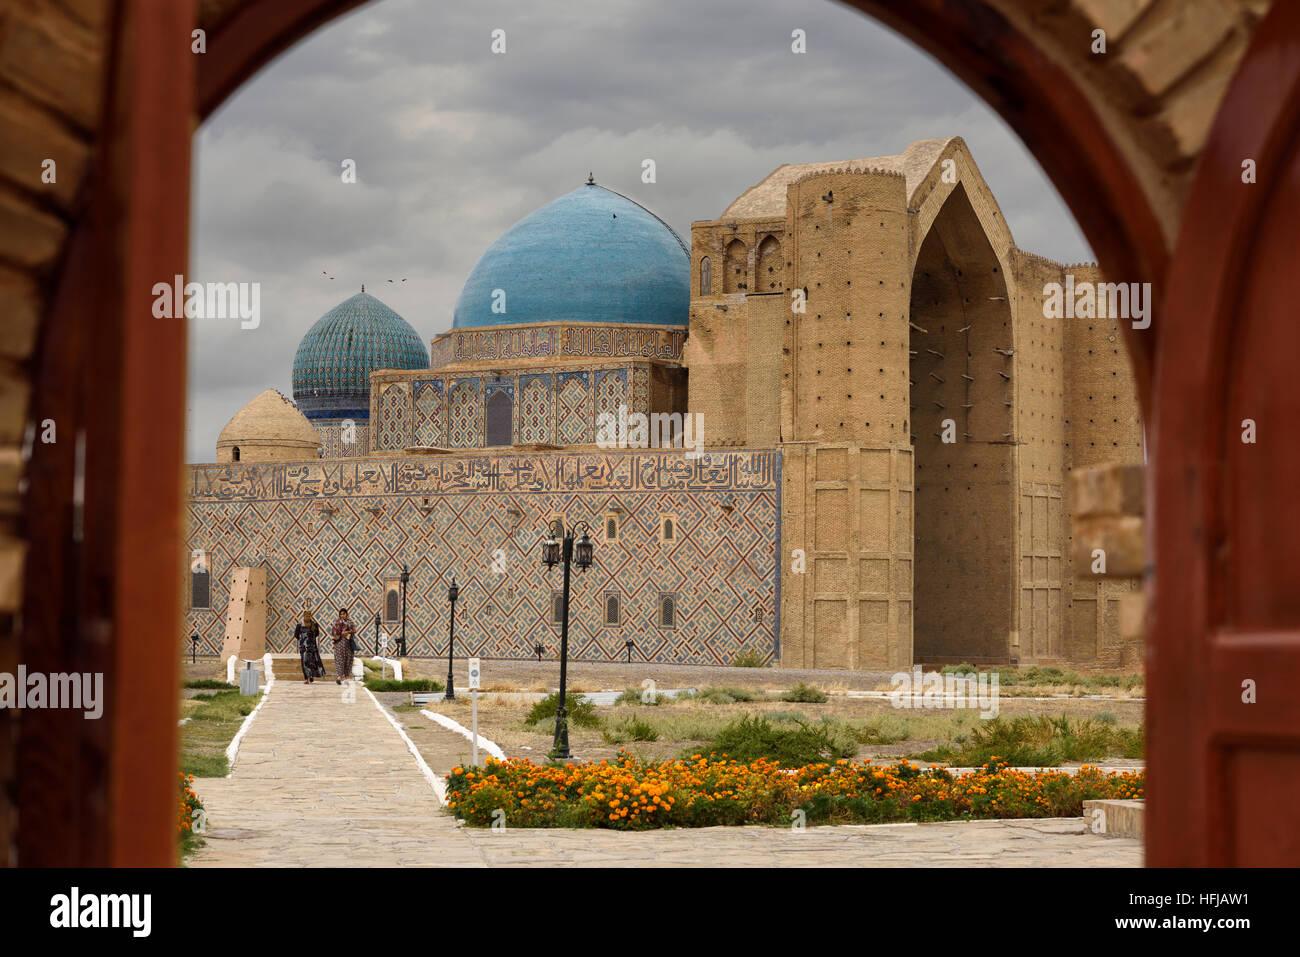 Khoja Ahmed Yasawi Mausoleum durch die Türen des Architekturmuseum Turkestan, Kasachstan Stockbild